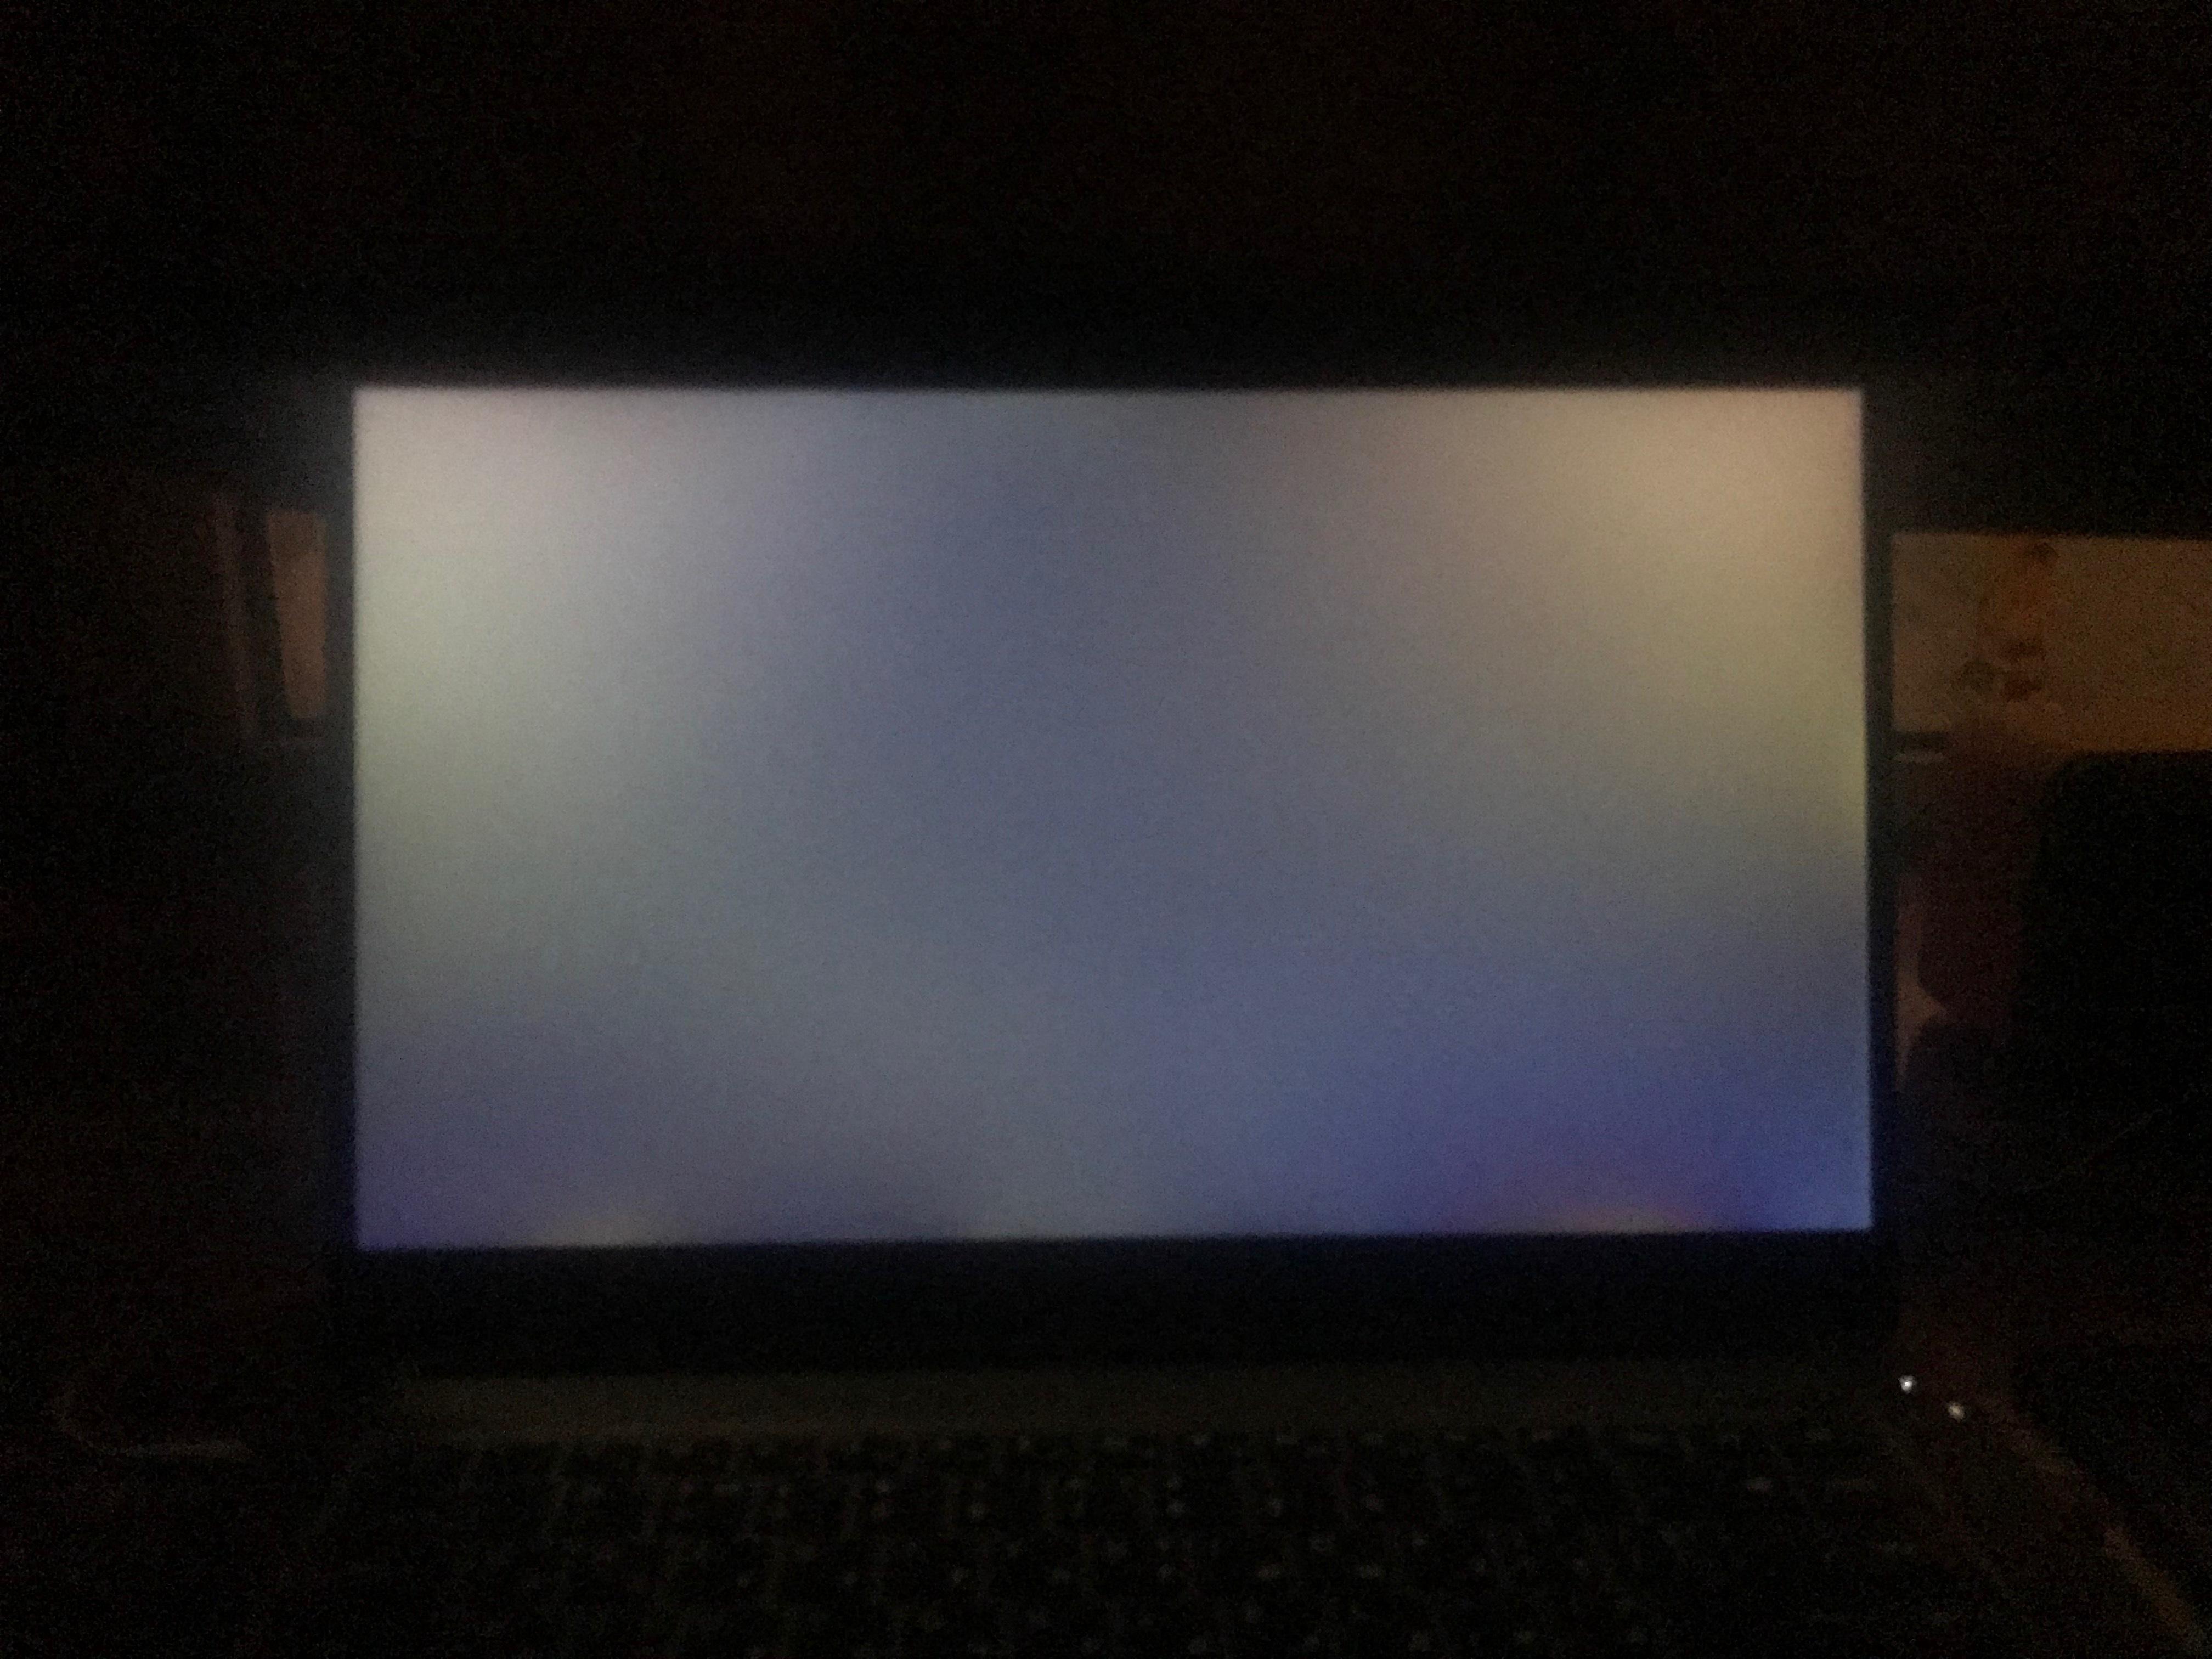 94166b54f Ноутбук HUAWEI Matebook D PL-W29 (53010ANQ) Space Gray фотография 2 от  пользователя